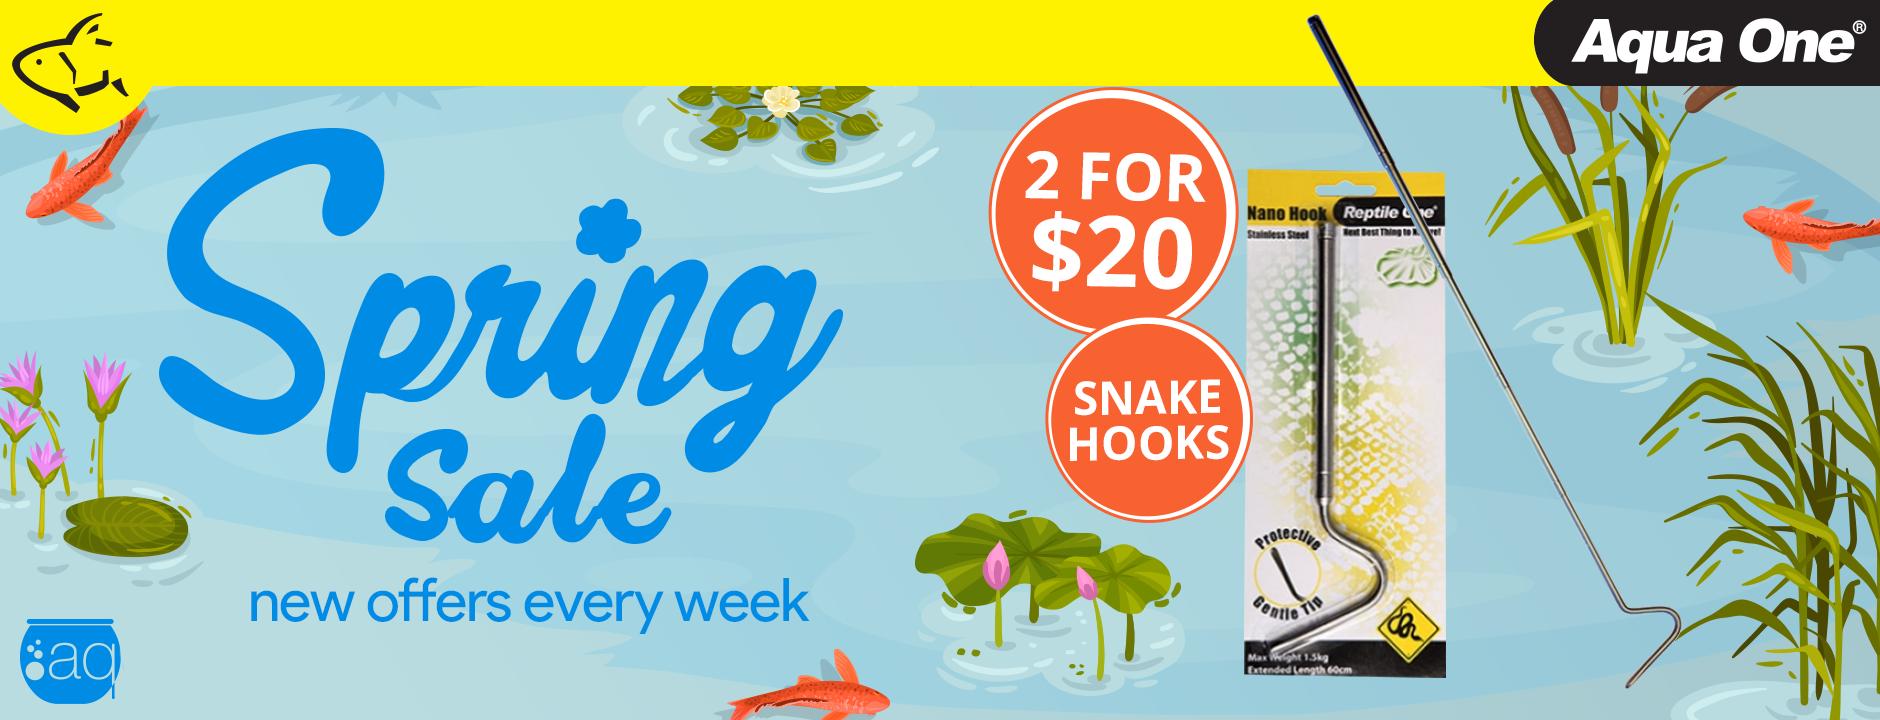 spring-sale-2021-banner-offer-4.png